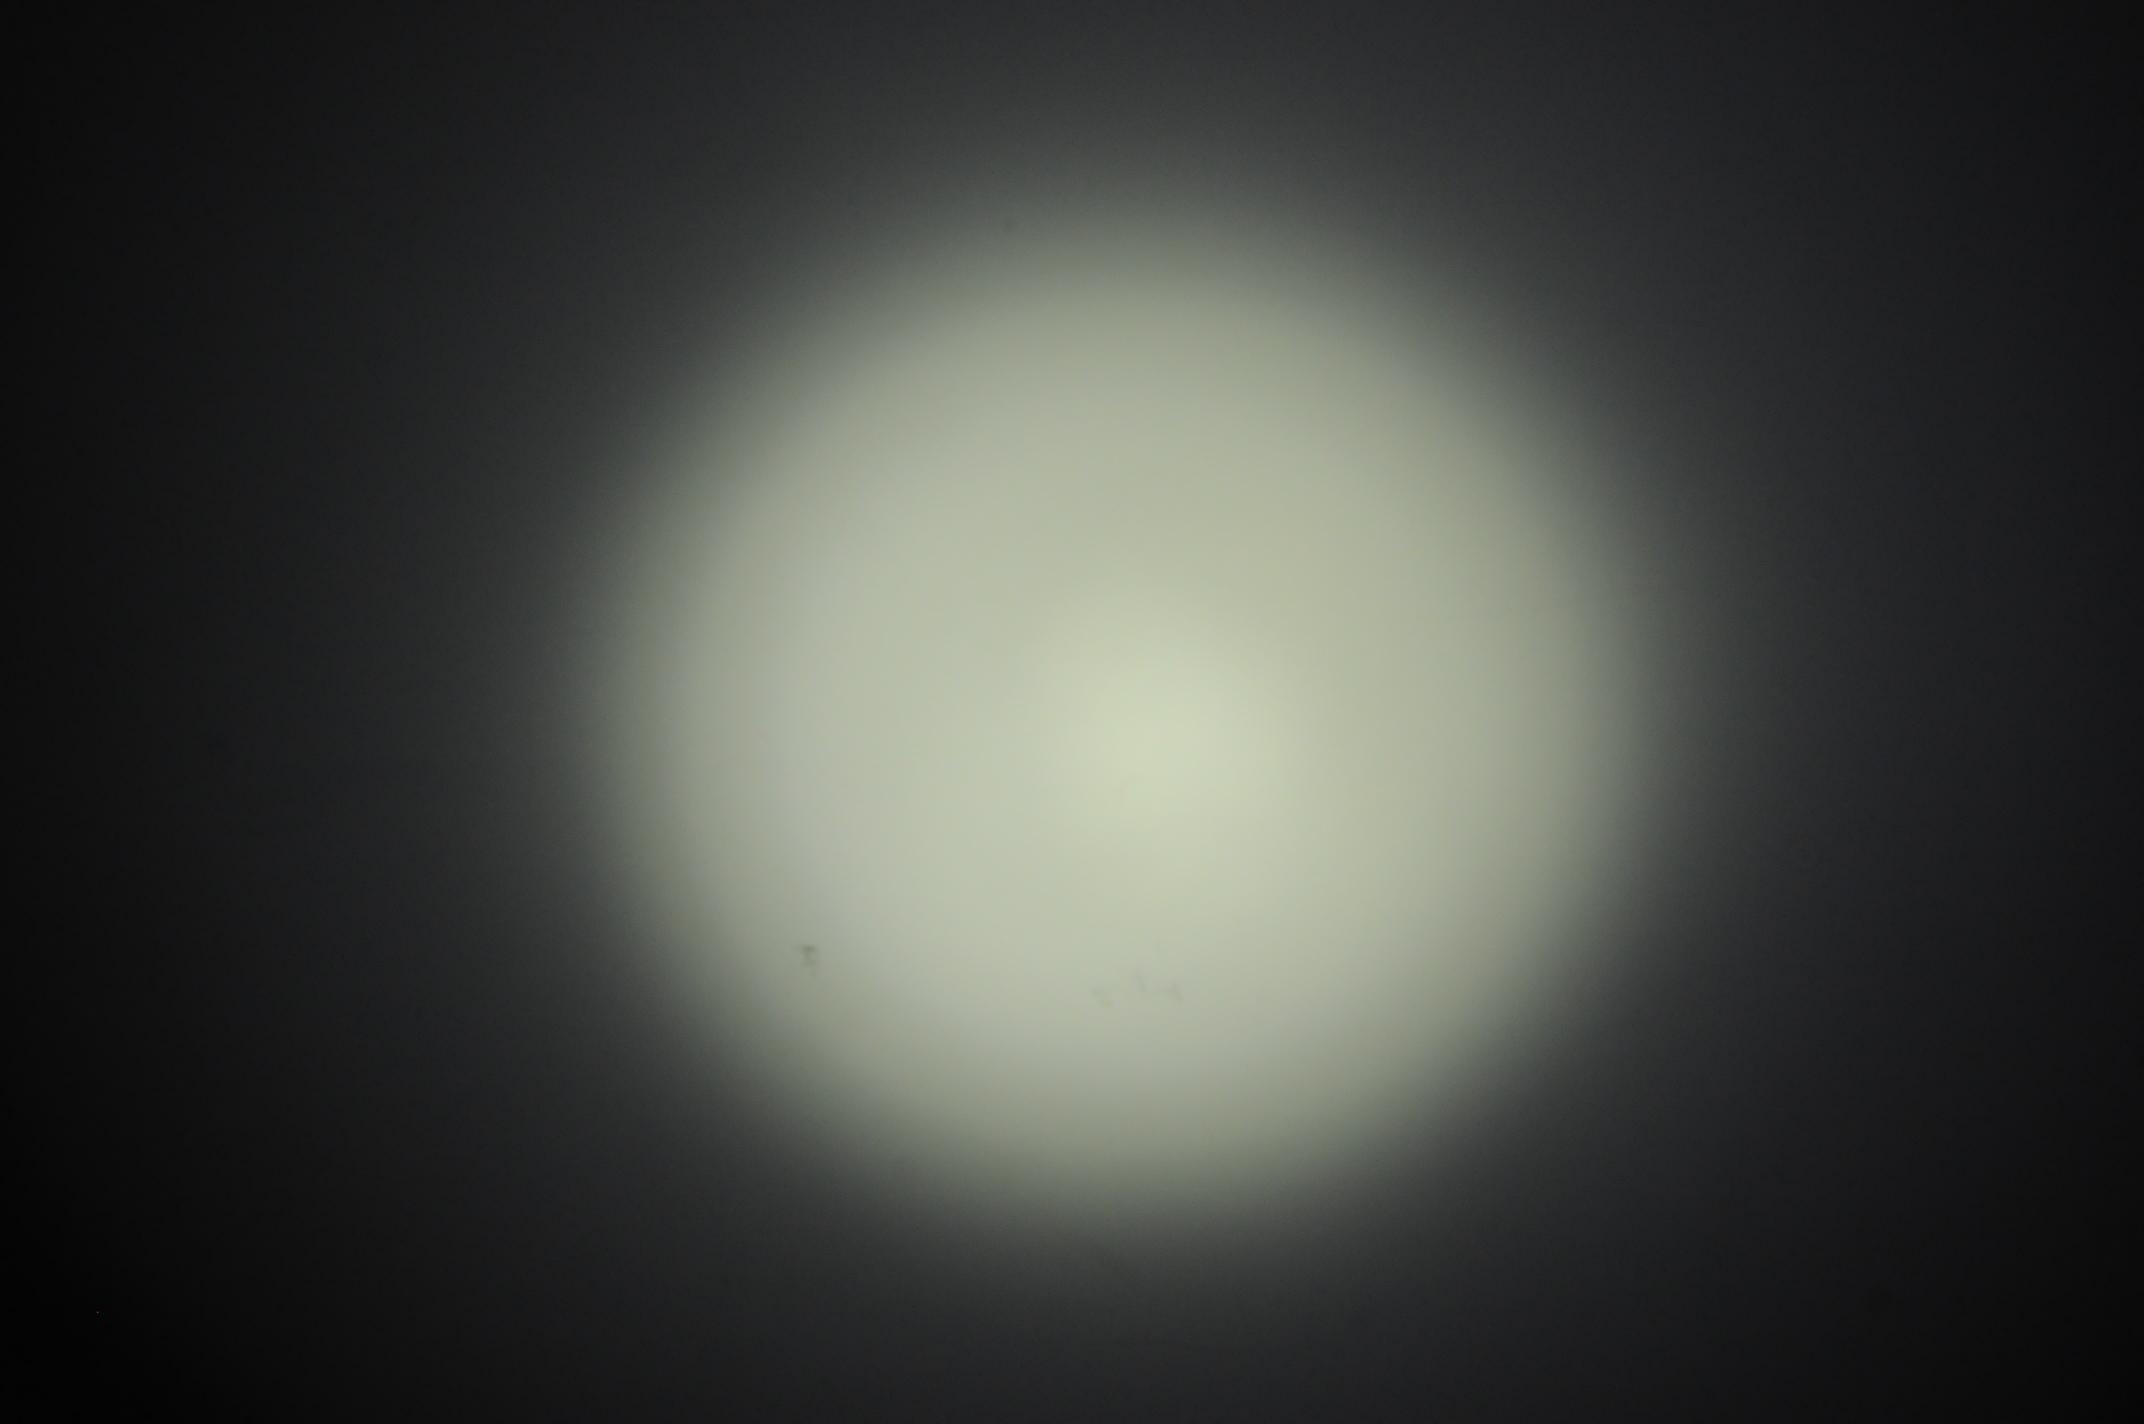 image-1068